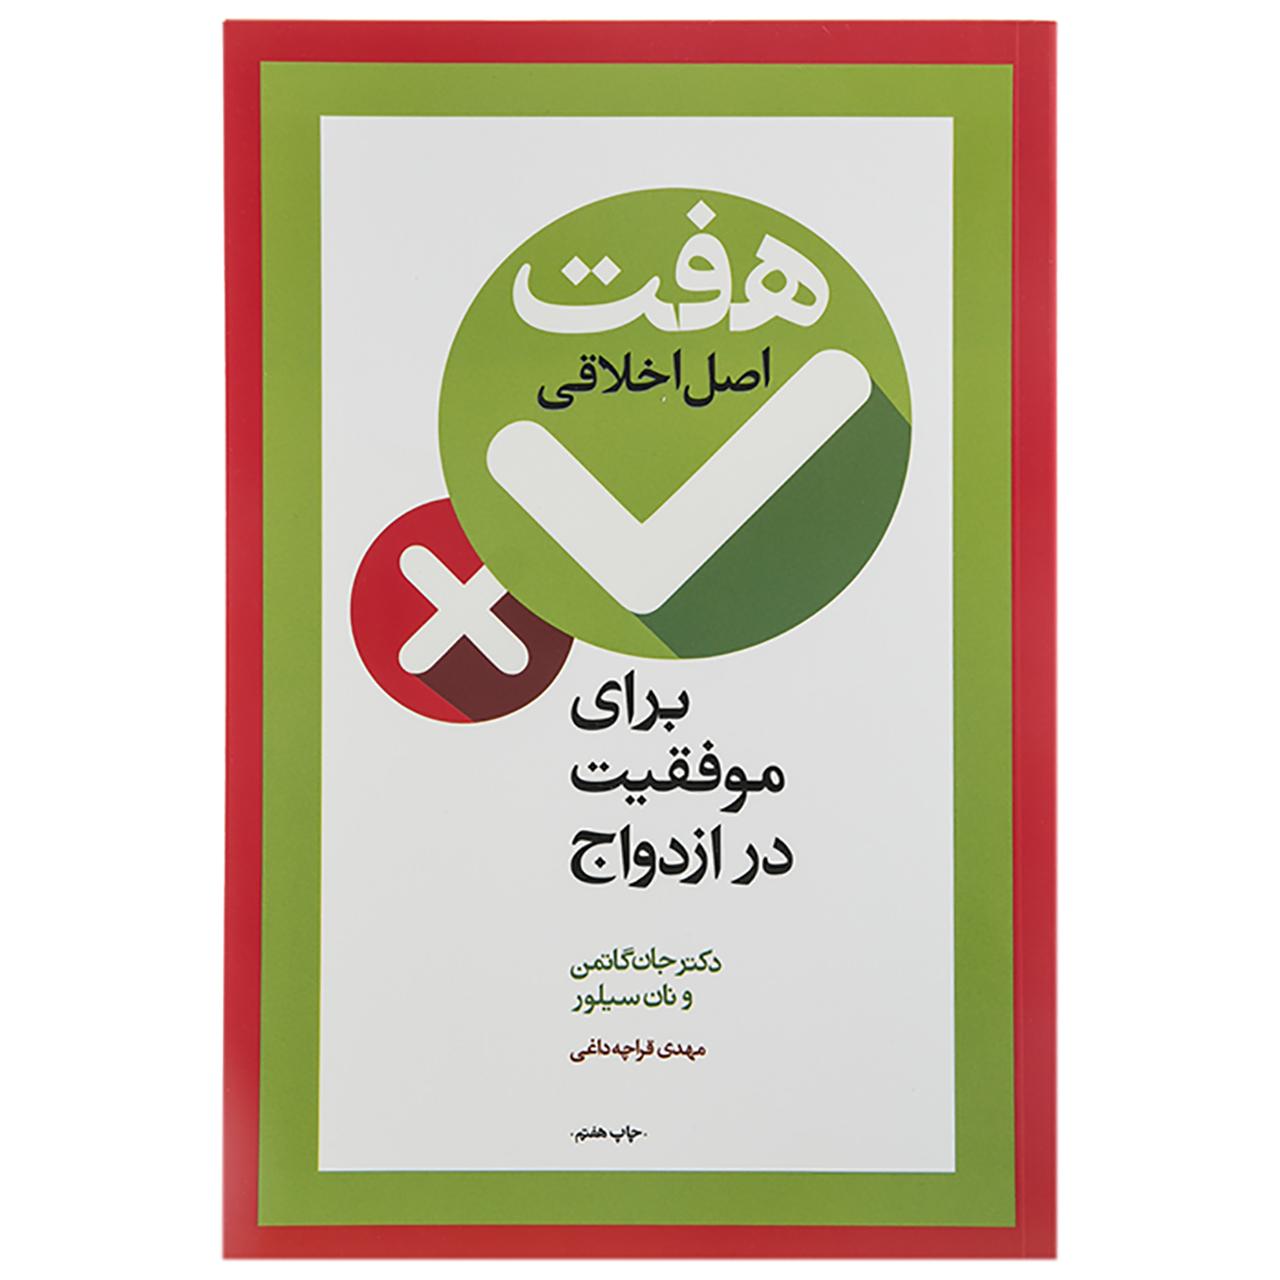 کتاب هفت اصل اخلاقی برای موفقیت در ازدواج اثر جان گاتمن